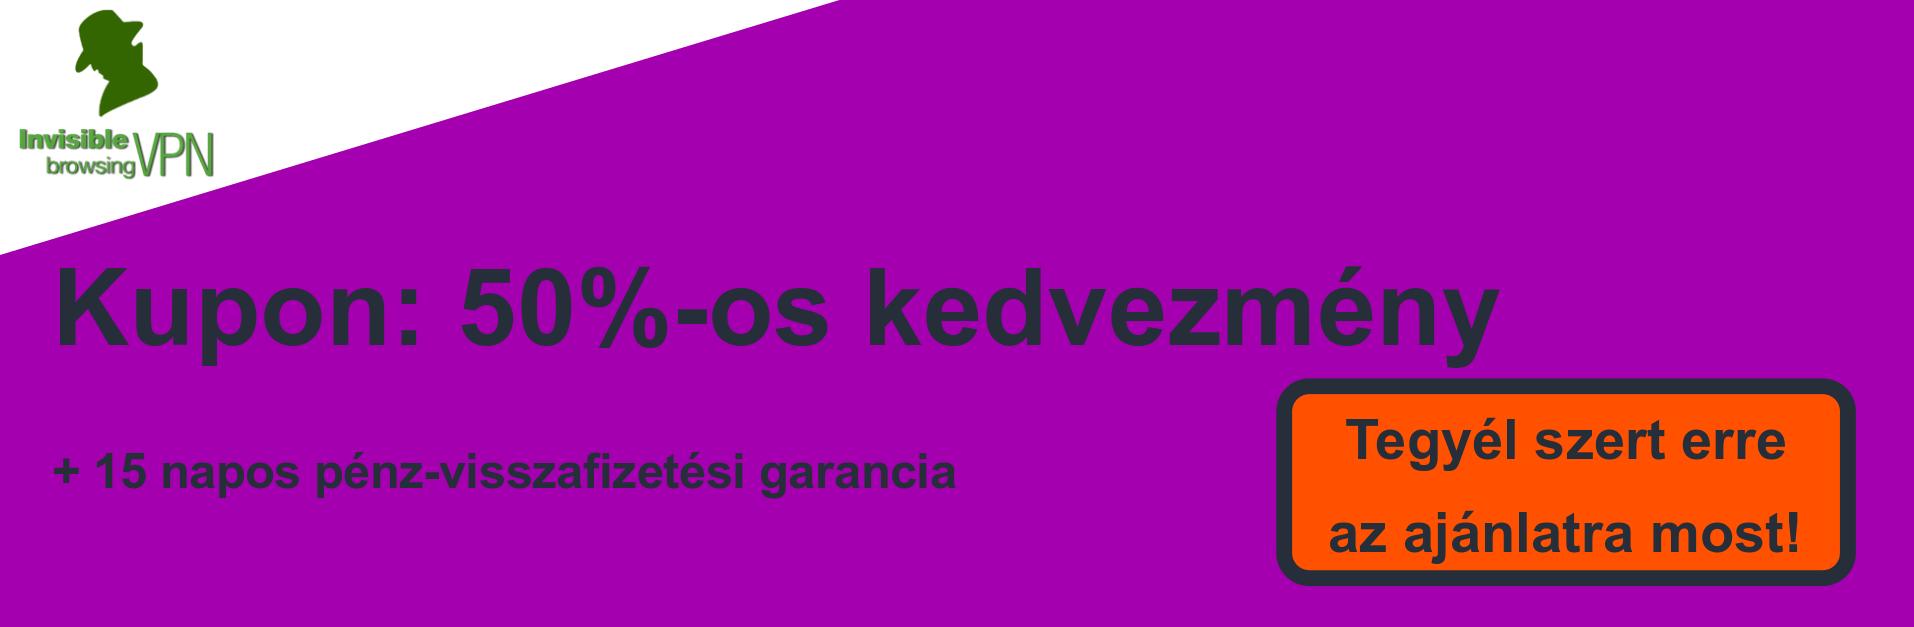 ibVPN szelvény banner - 50% kedvezmény